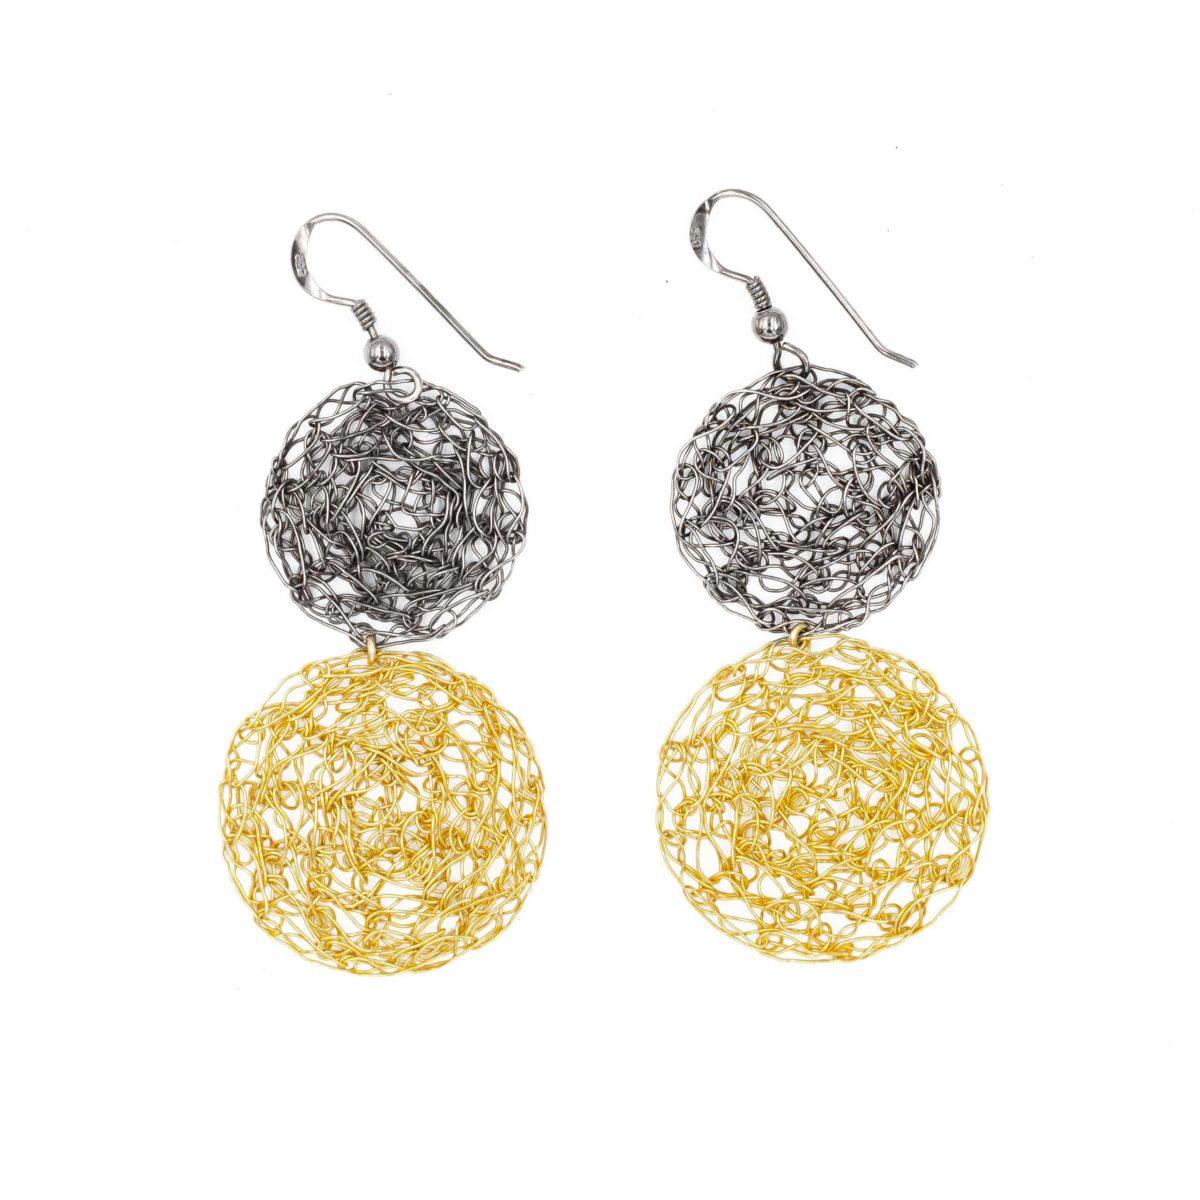 statement earrings in gold